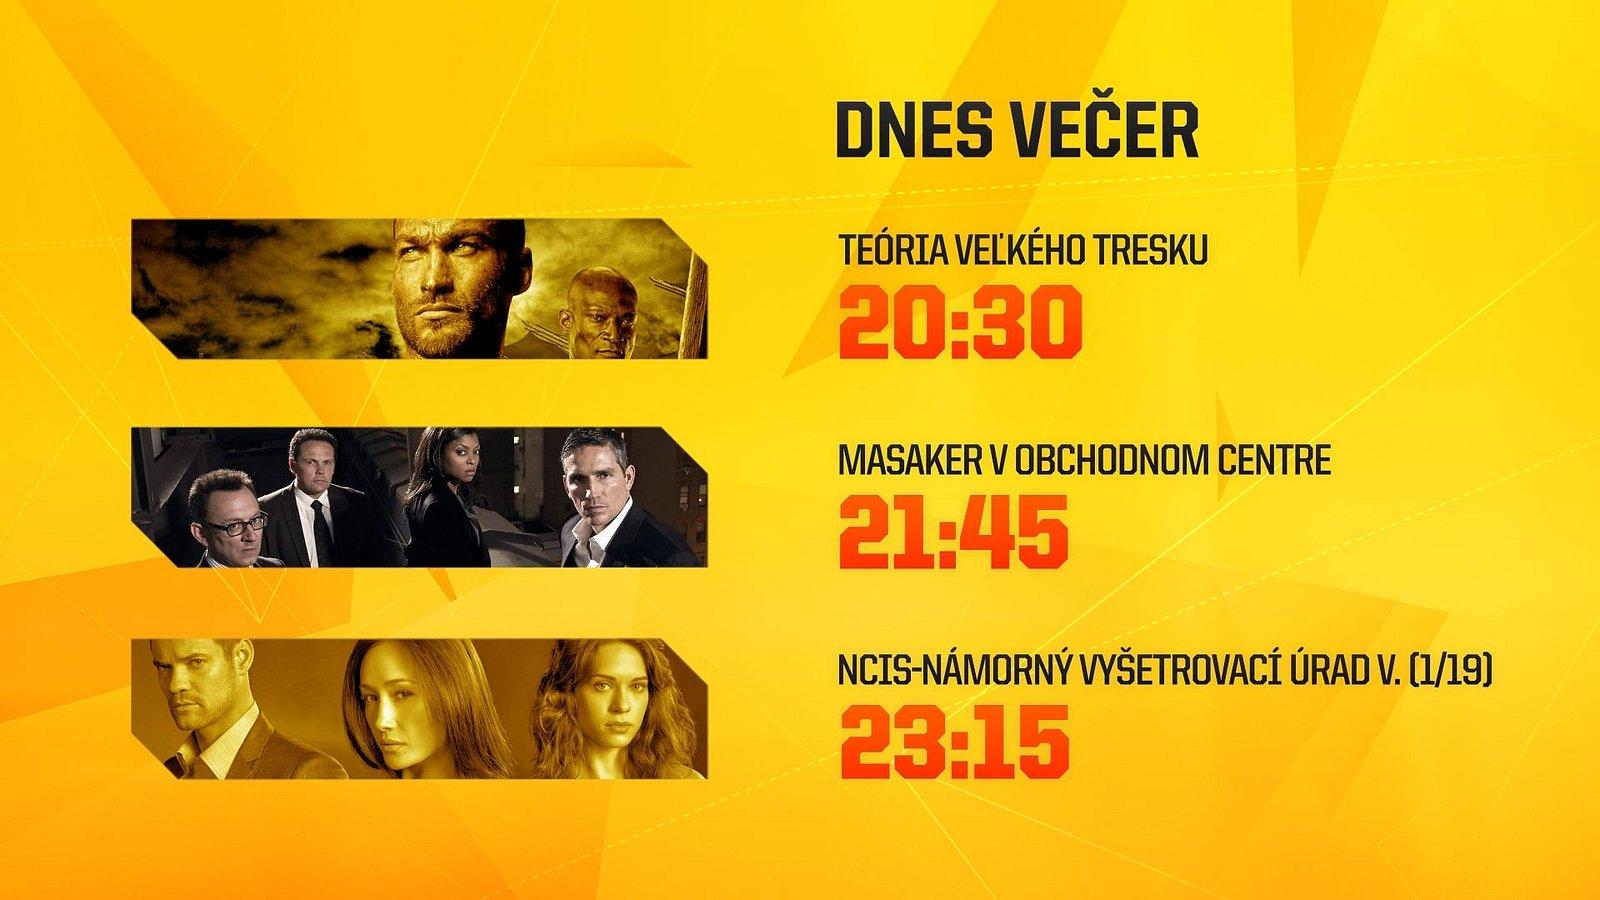 Nový vizuál slovenské televize Dajto - únor 2014